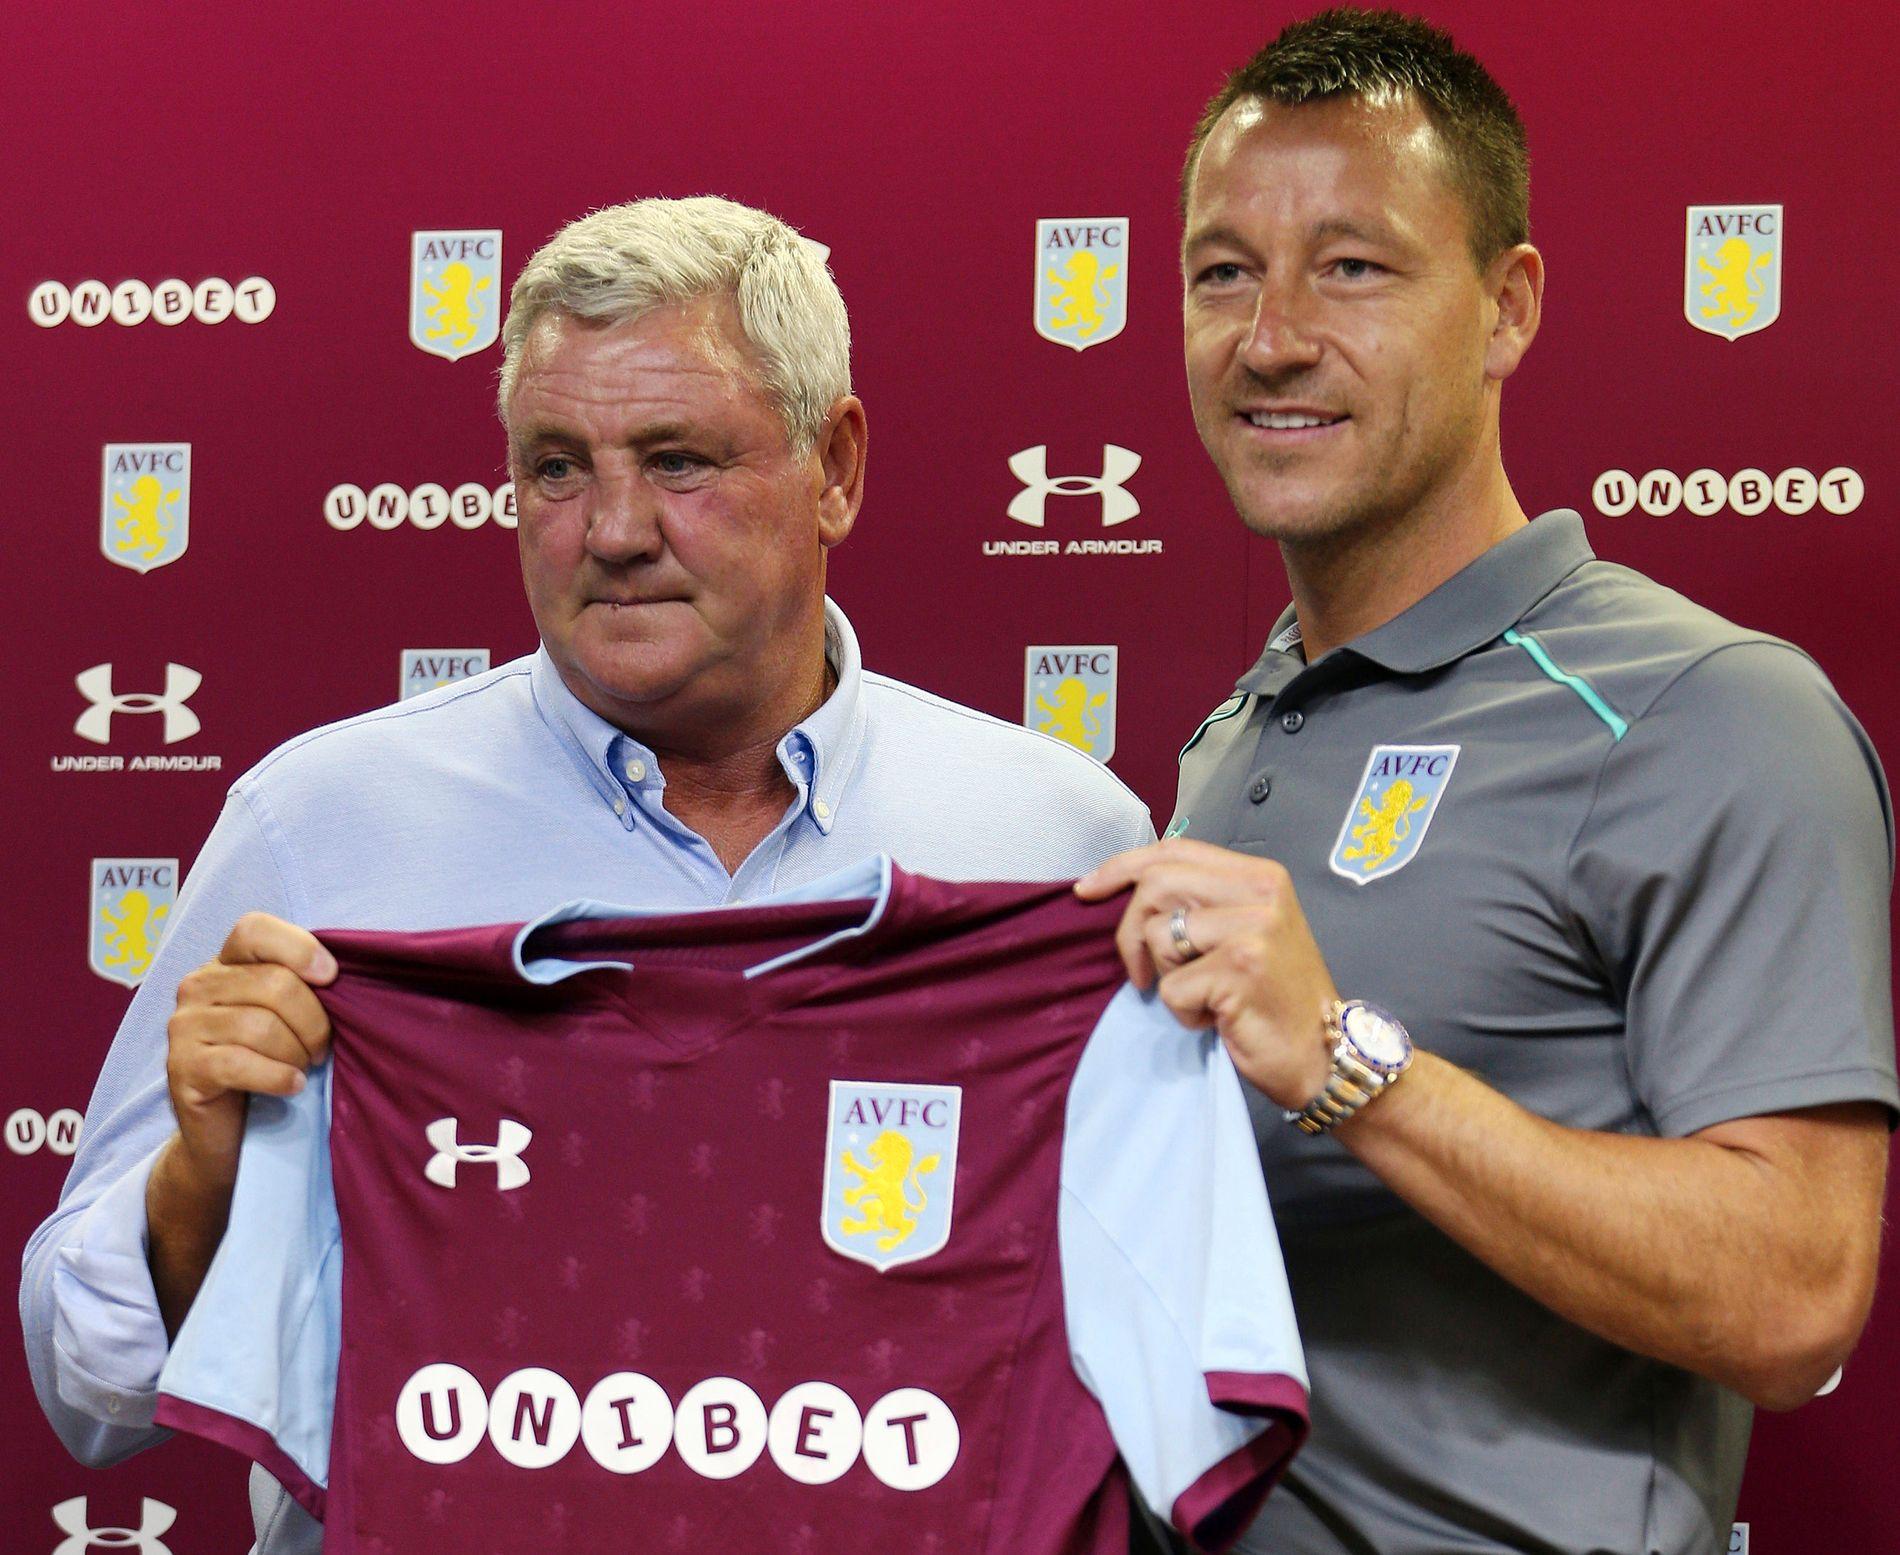 NYSIGNERING: Tidligere Chelsea -og Englands-kaptein John Terry (36) skal hjelpe Aston Villa med å sikre opprykk fra Championship denne sesongen. Her med manager Steve Bruce under presentasjonen for en måned siden.